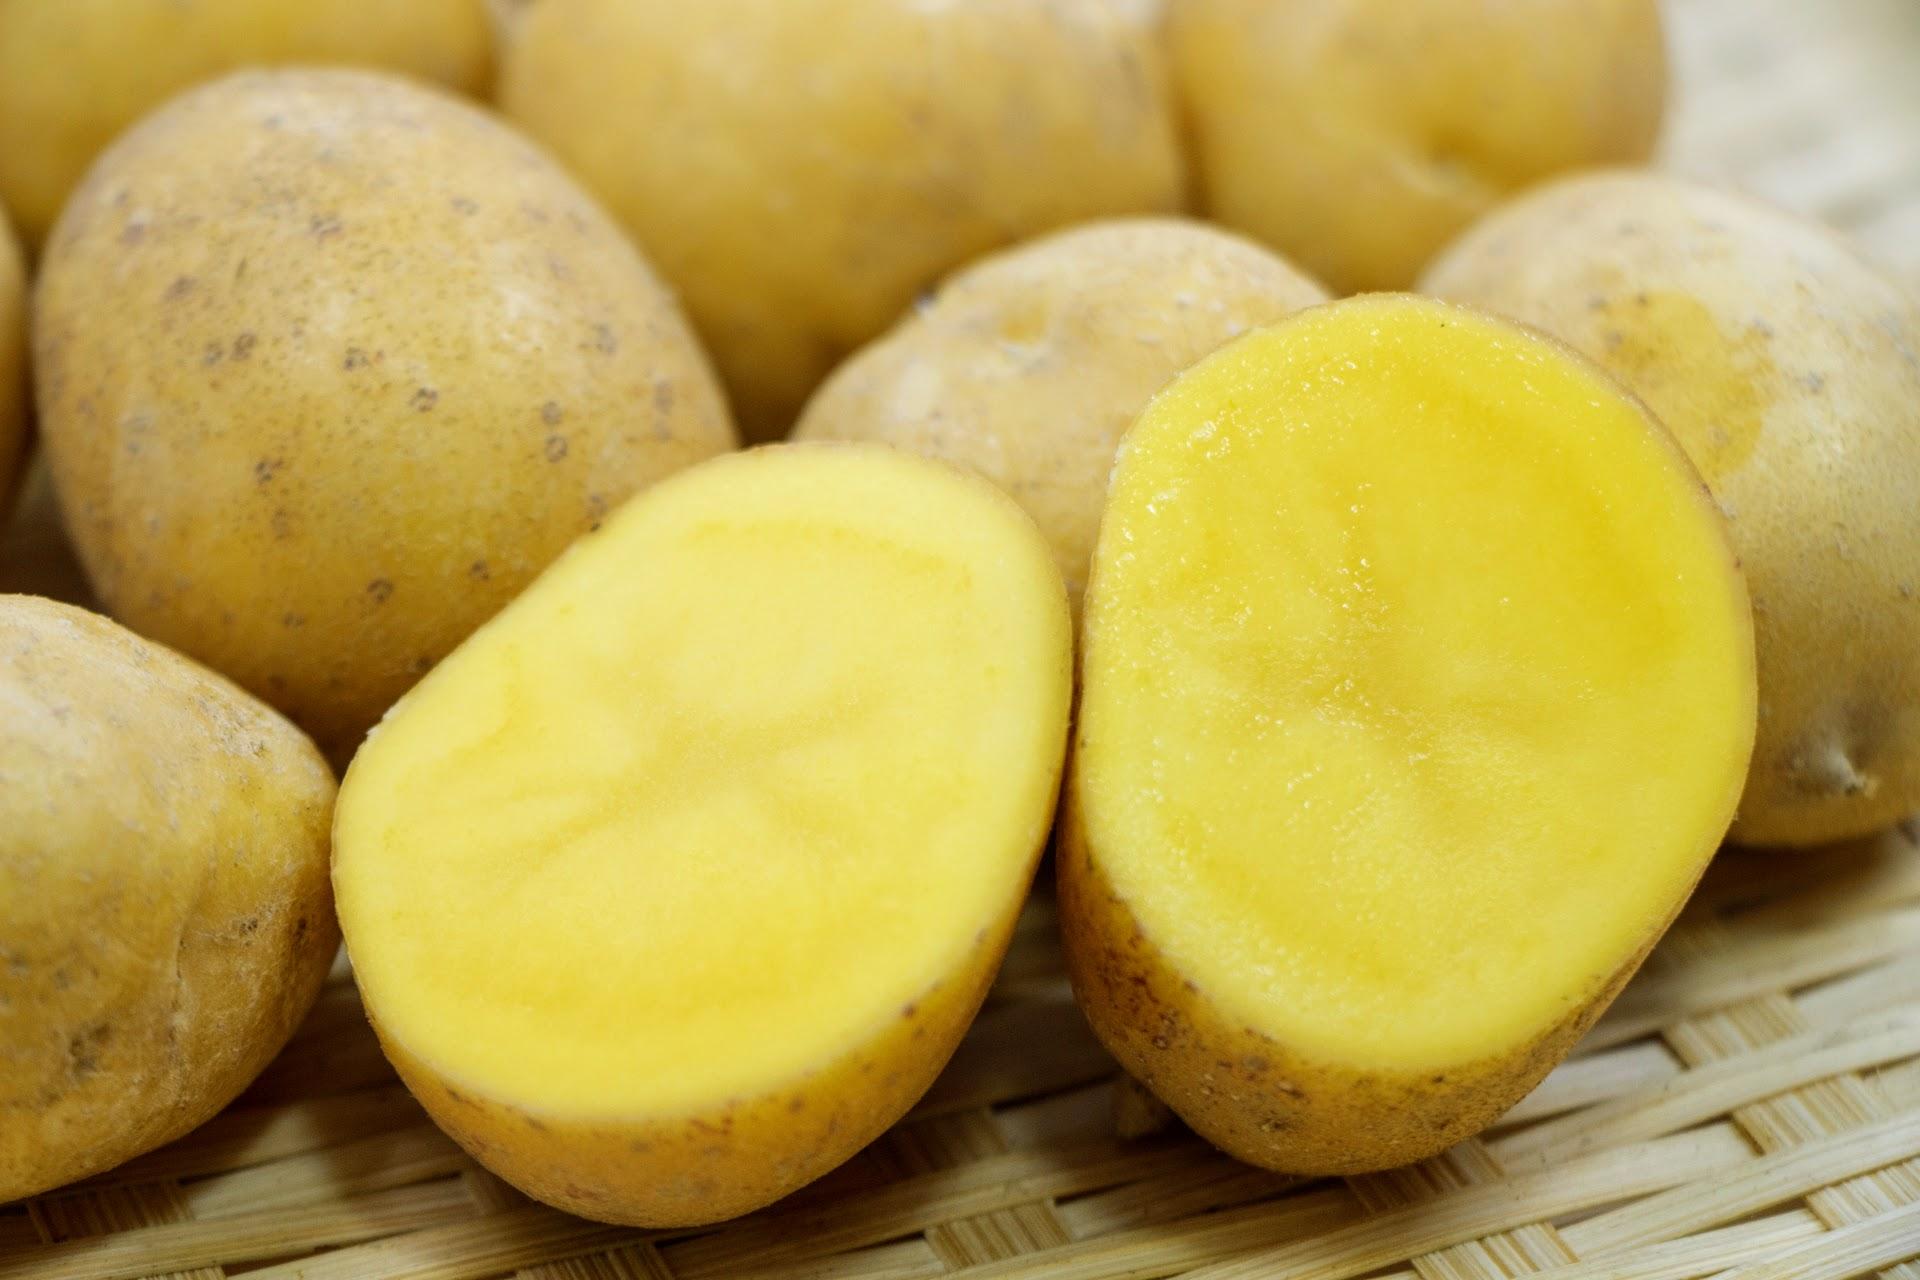 インカのめざめってどんなジャガイモ?品種の特徴とおすすめの食べ方を紹介!